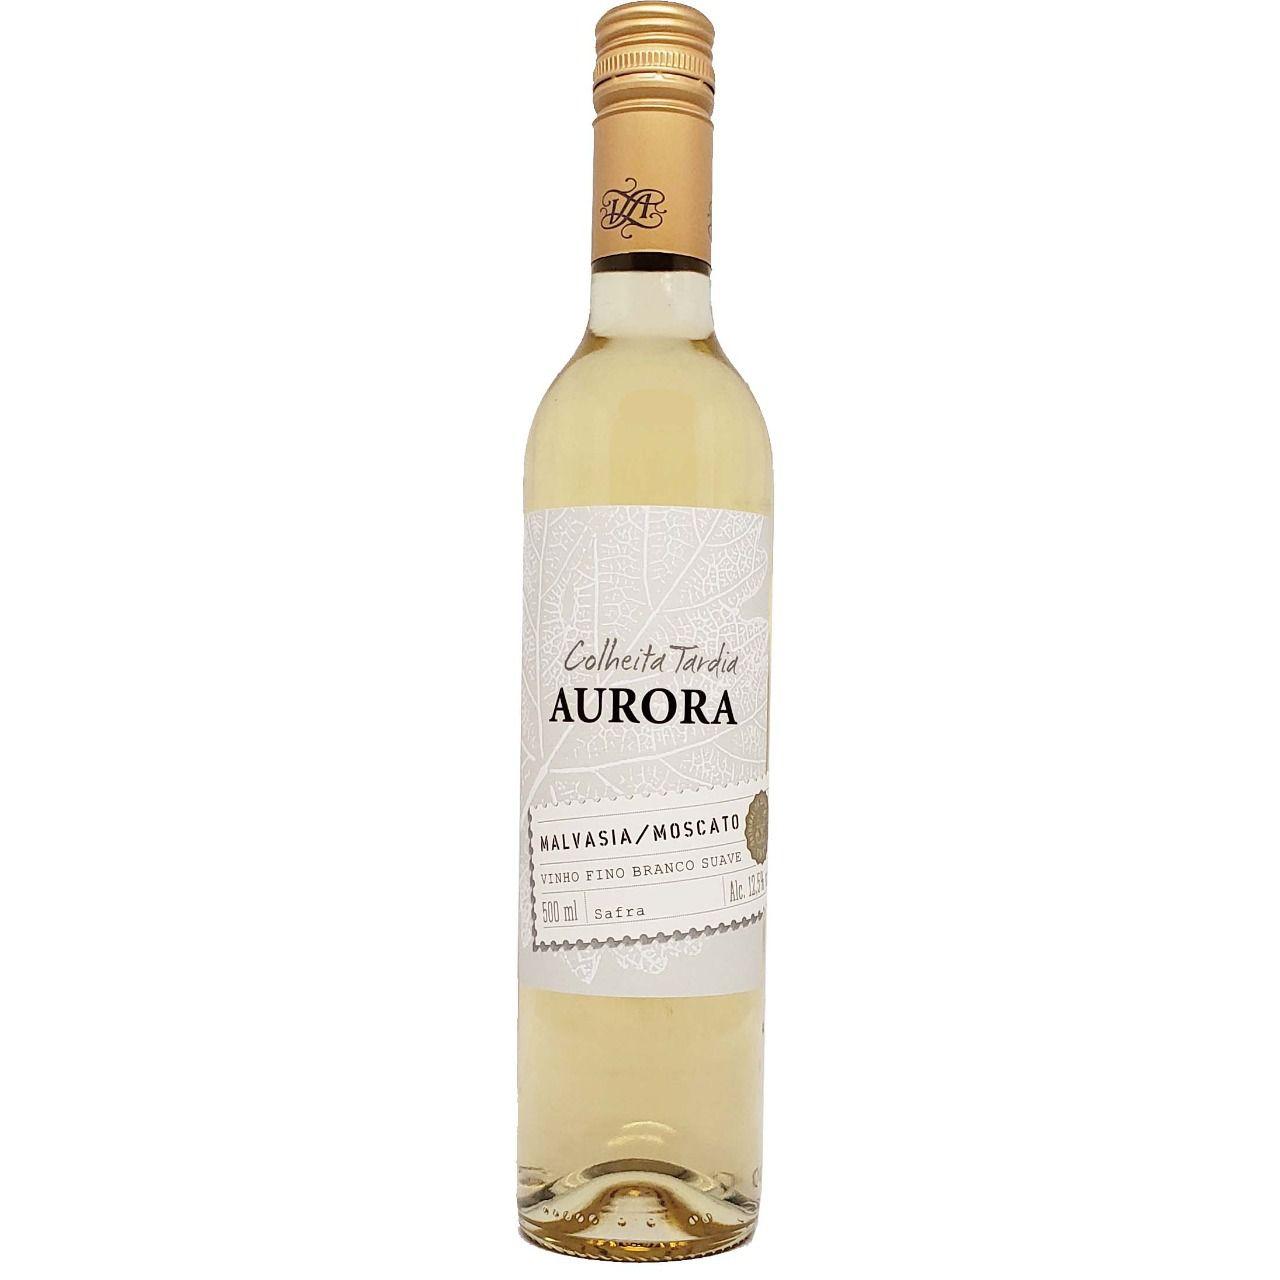 Vinho Branco Colheita Tardia Malvasia Moscato Aurora - 500ml -